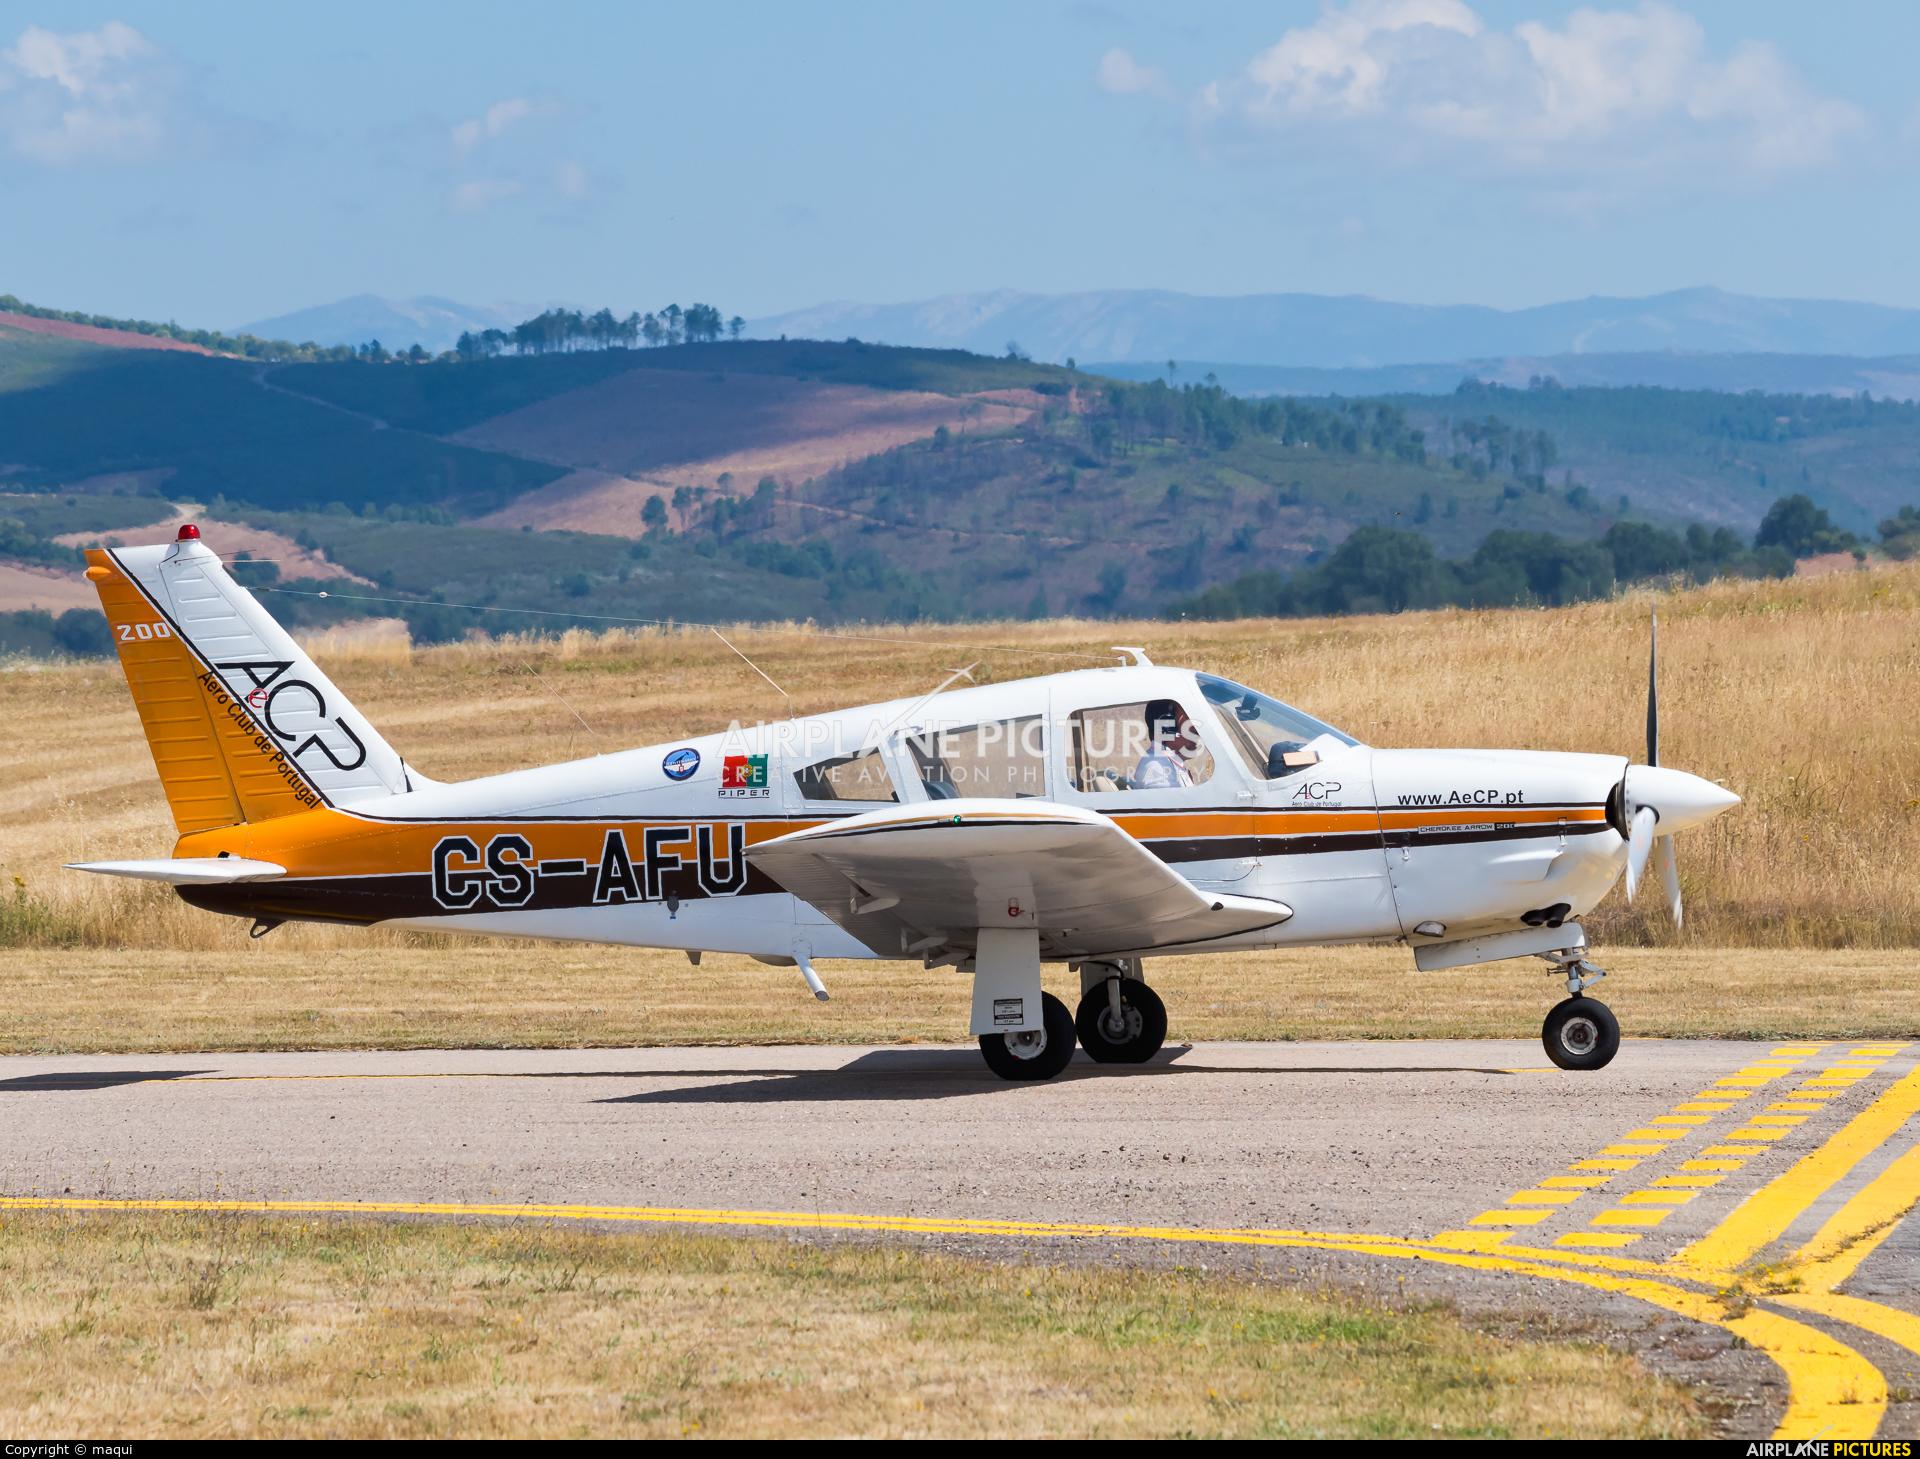 Private CS-AFU aircraft at Bragança